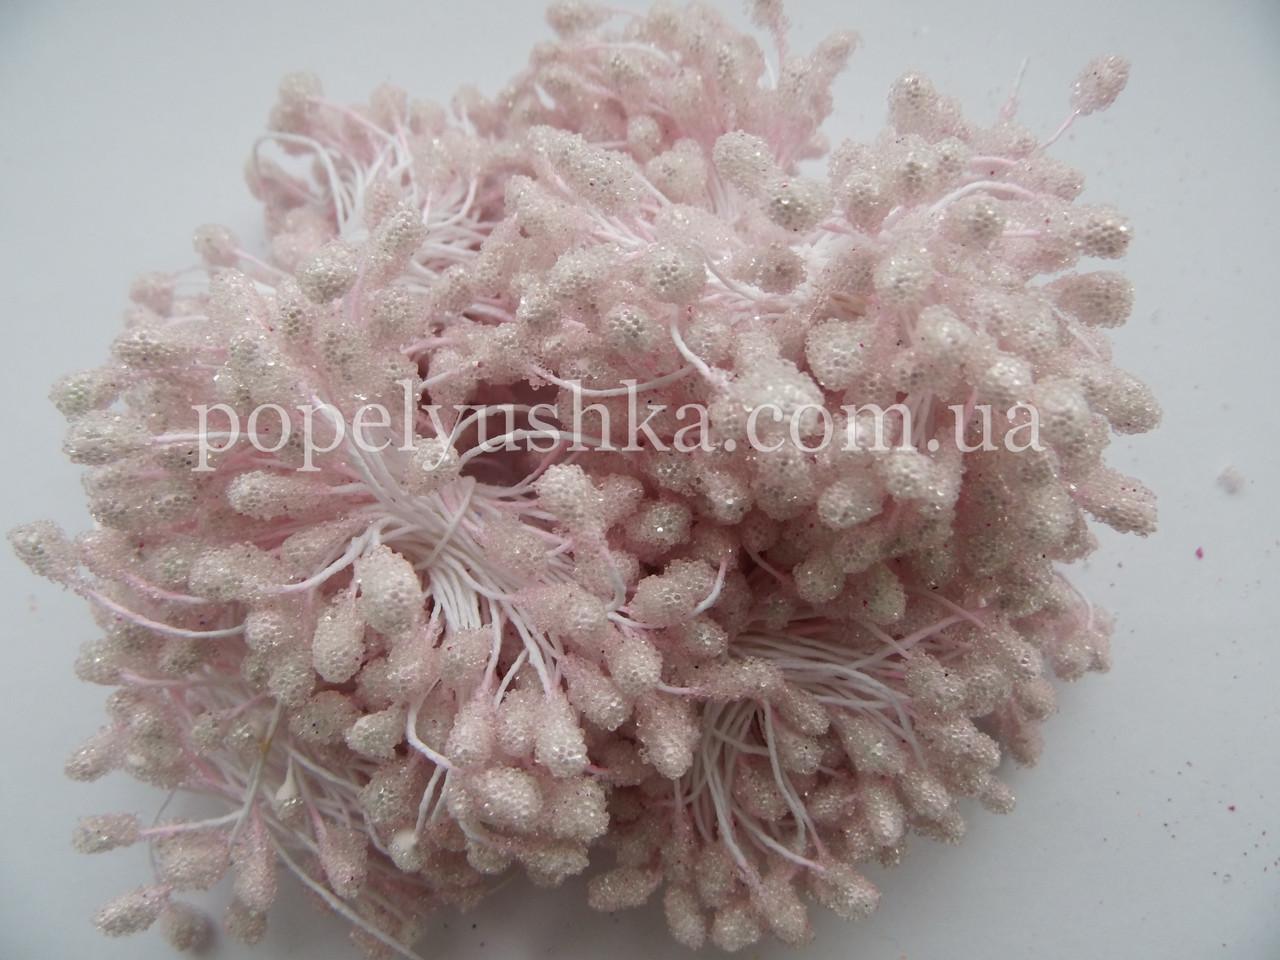 Тичинки цукрові  рожеві (на фото блідо-рожеві)